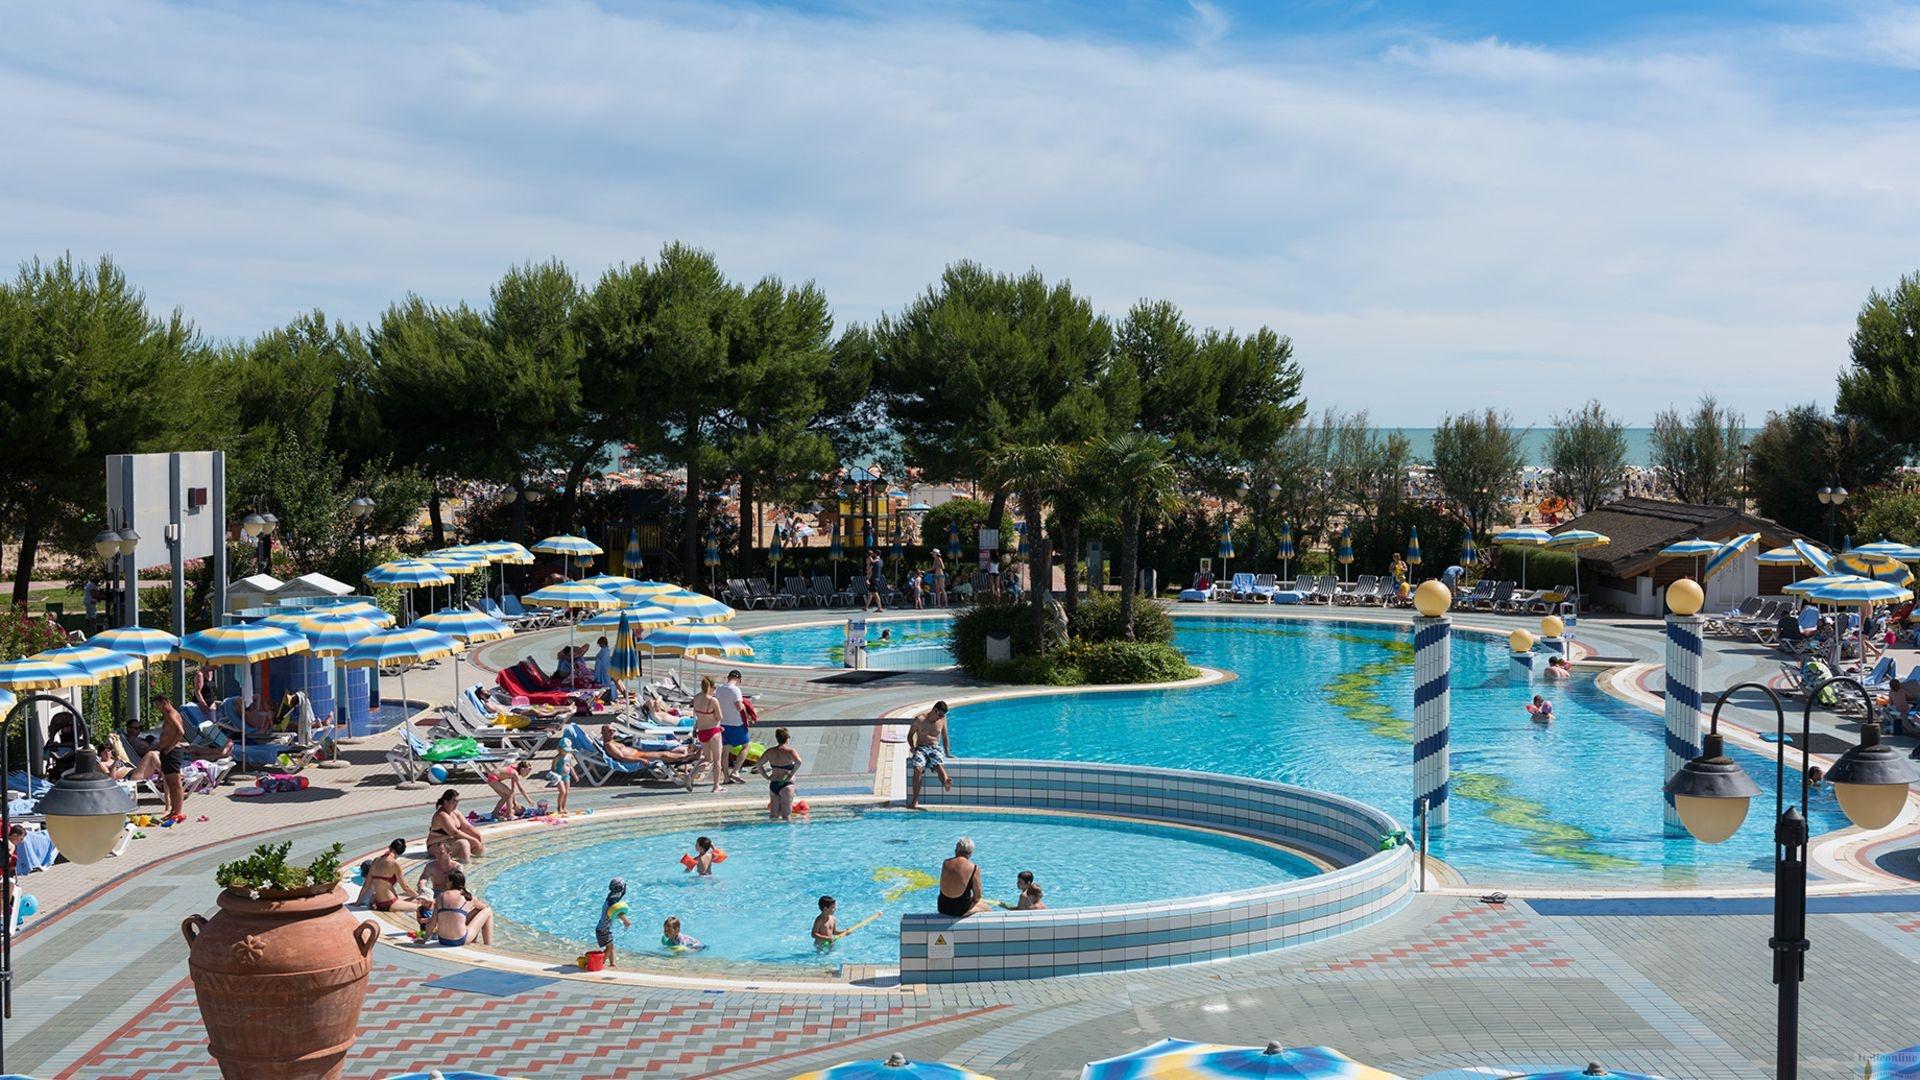 Aparthotel holiday bibione spiaggia italia italieonline for Piscina olimpia prezzi